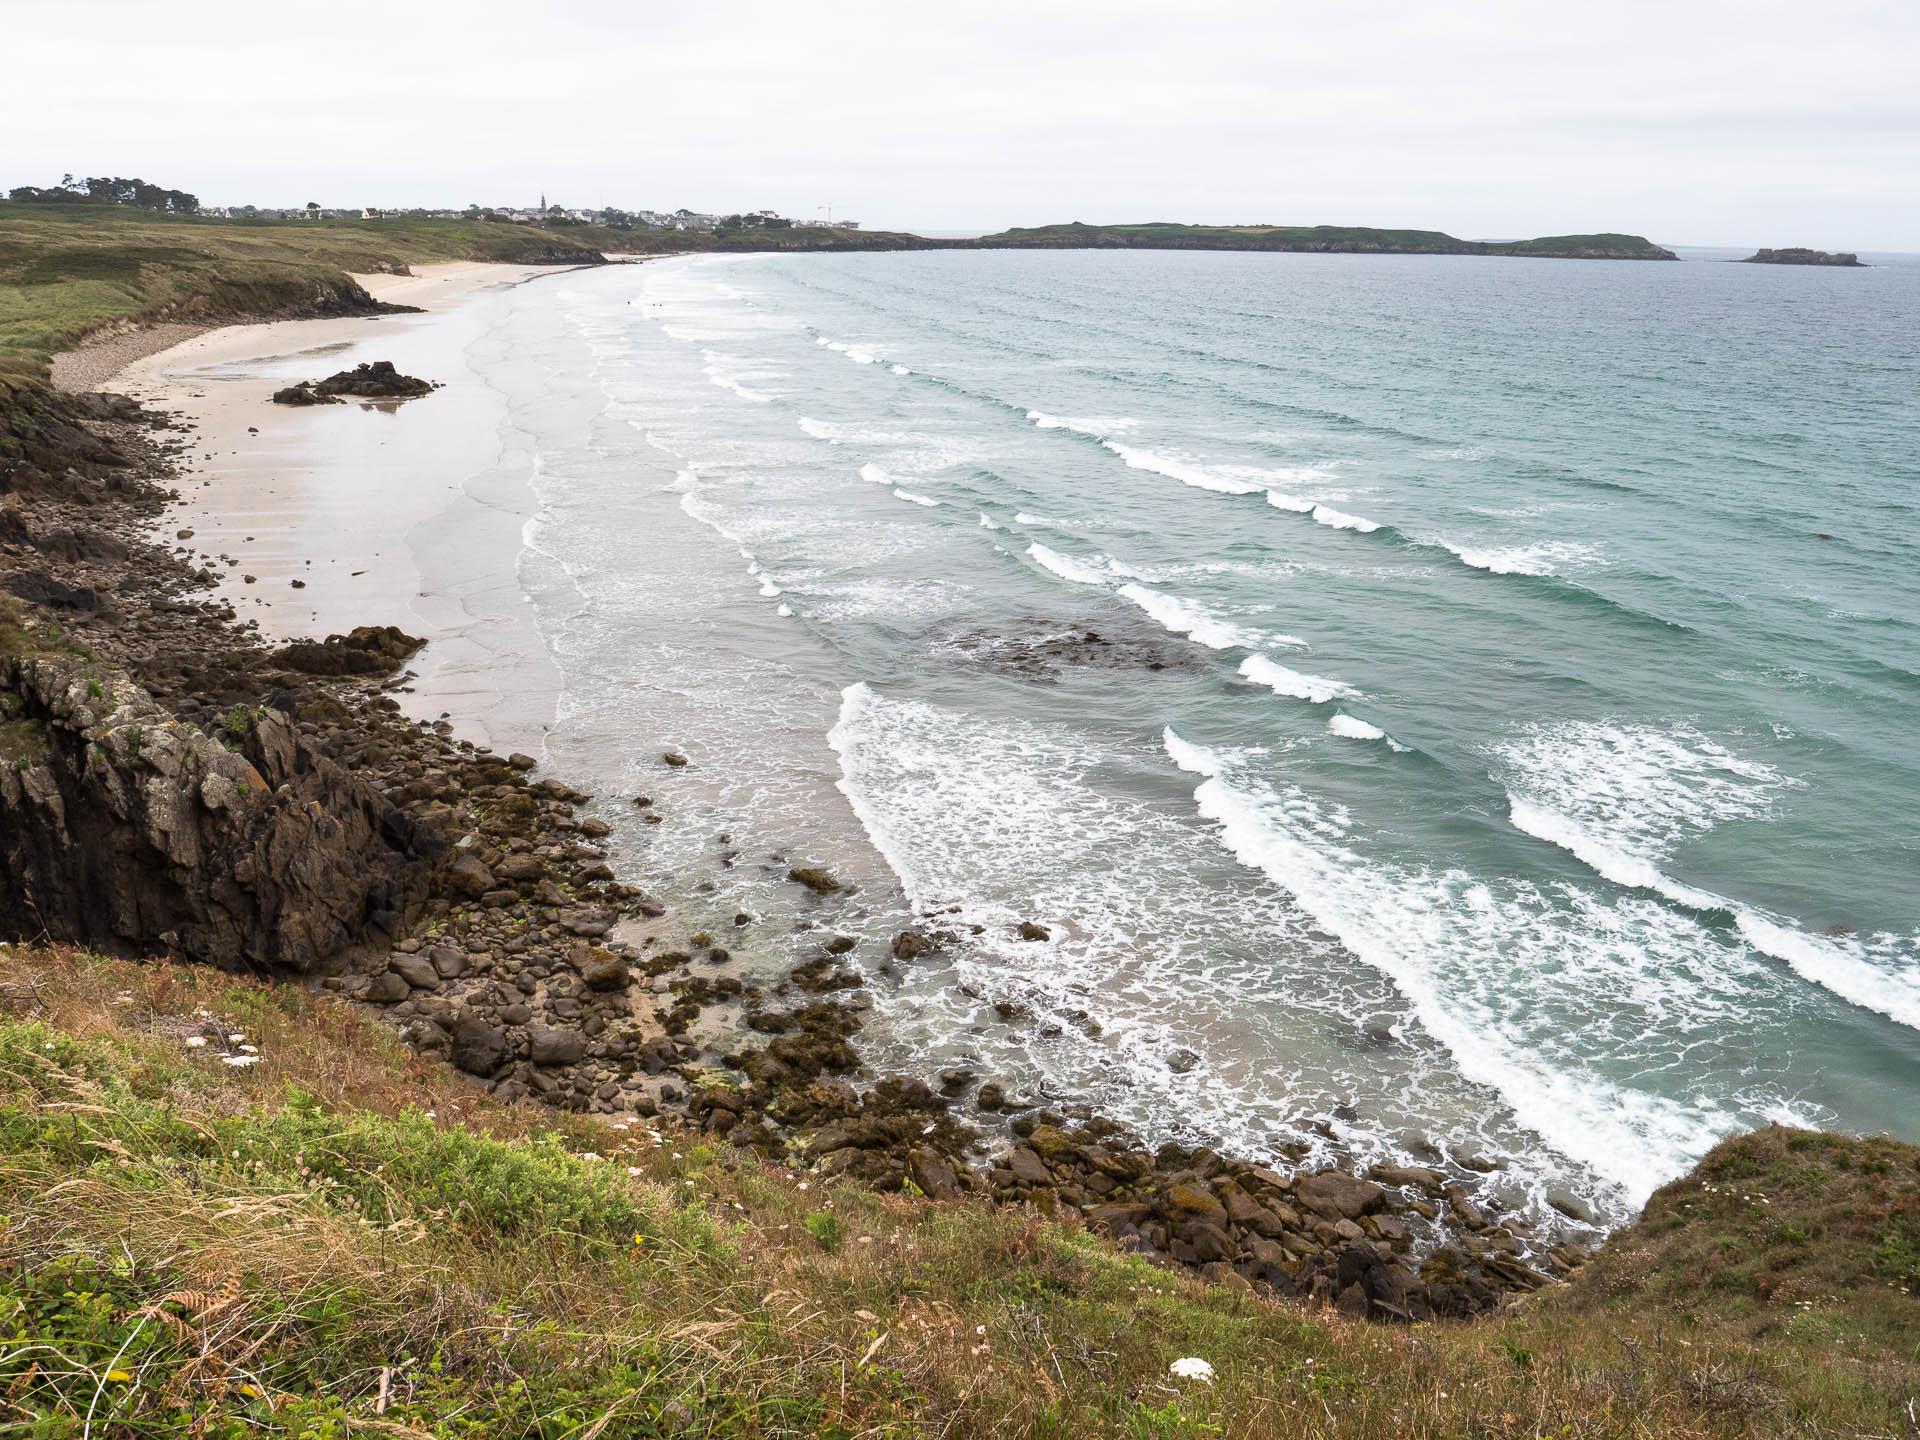 blanc sablon plage - Les globe blogueurs - blog voyage nature